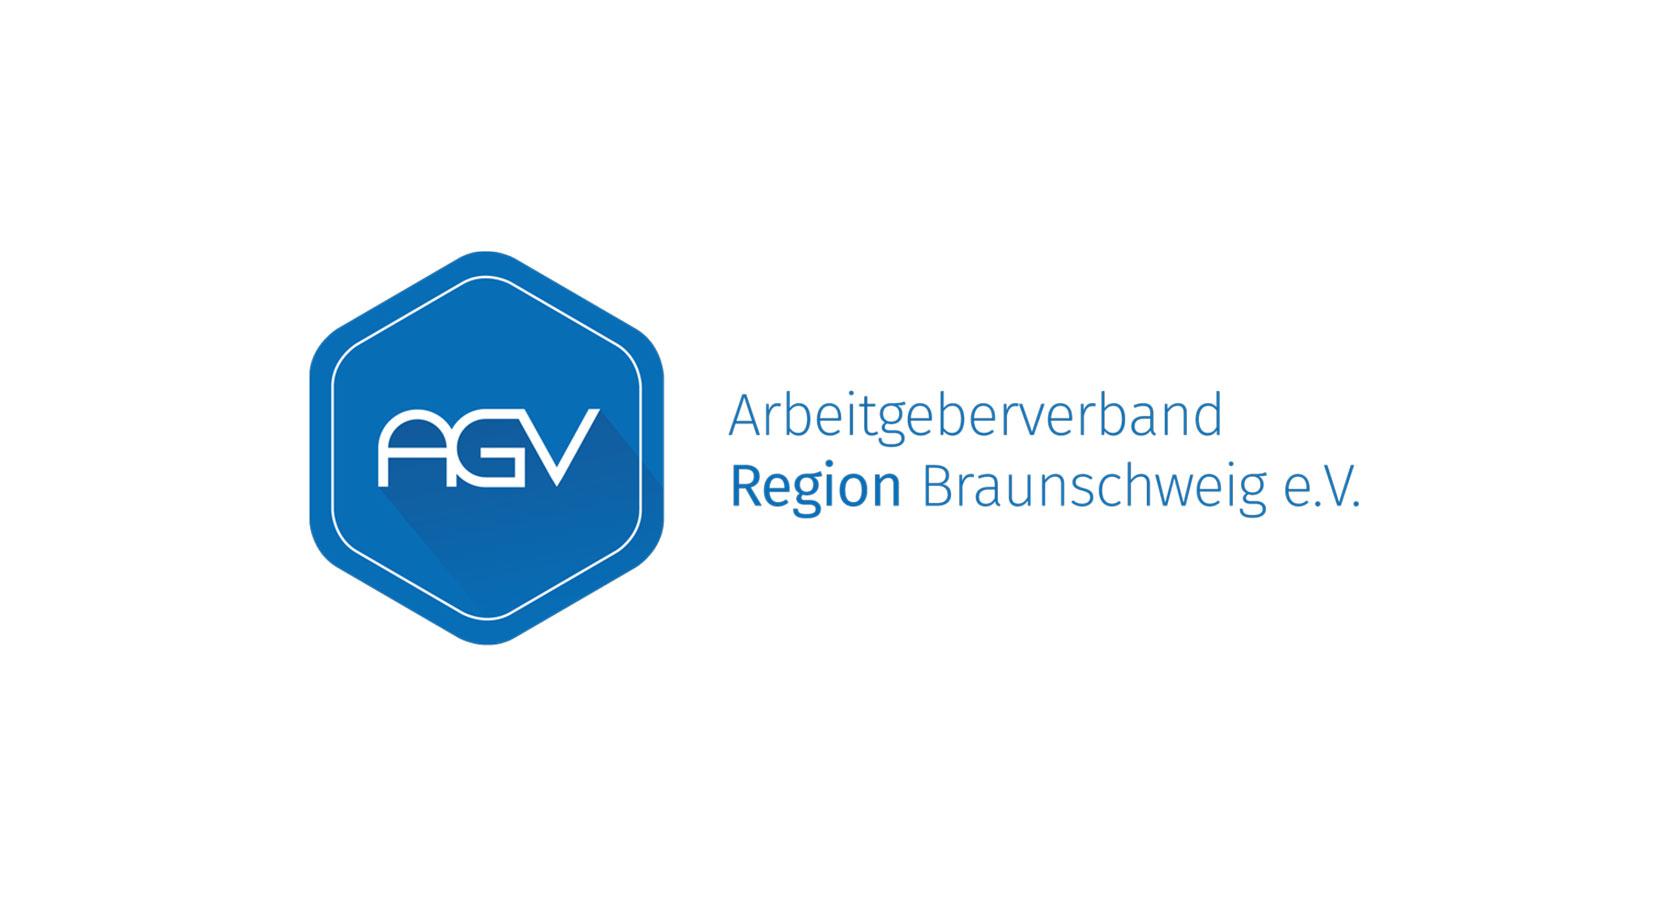 Logo des Arbeitgeberverbandes Region Braunschweig e.V.